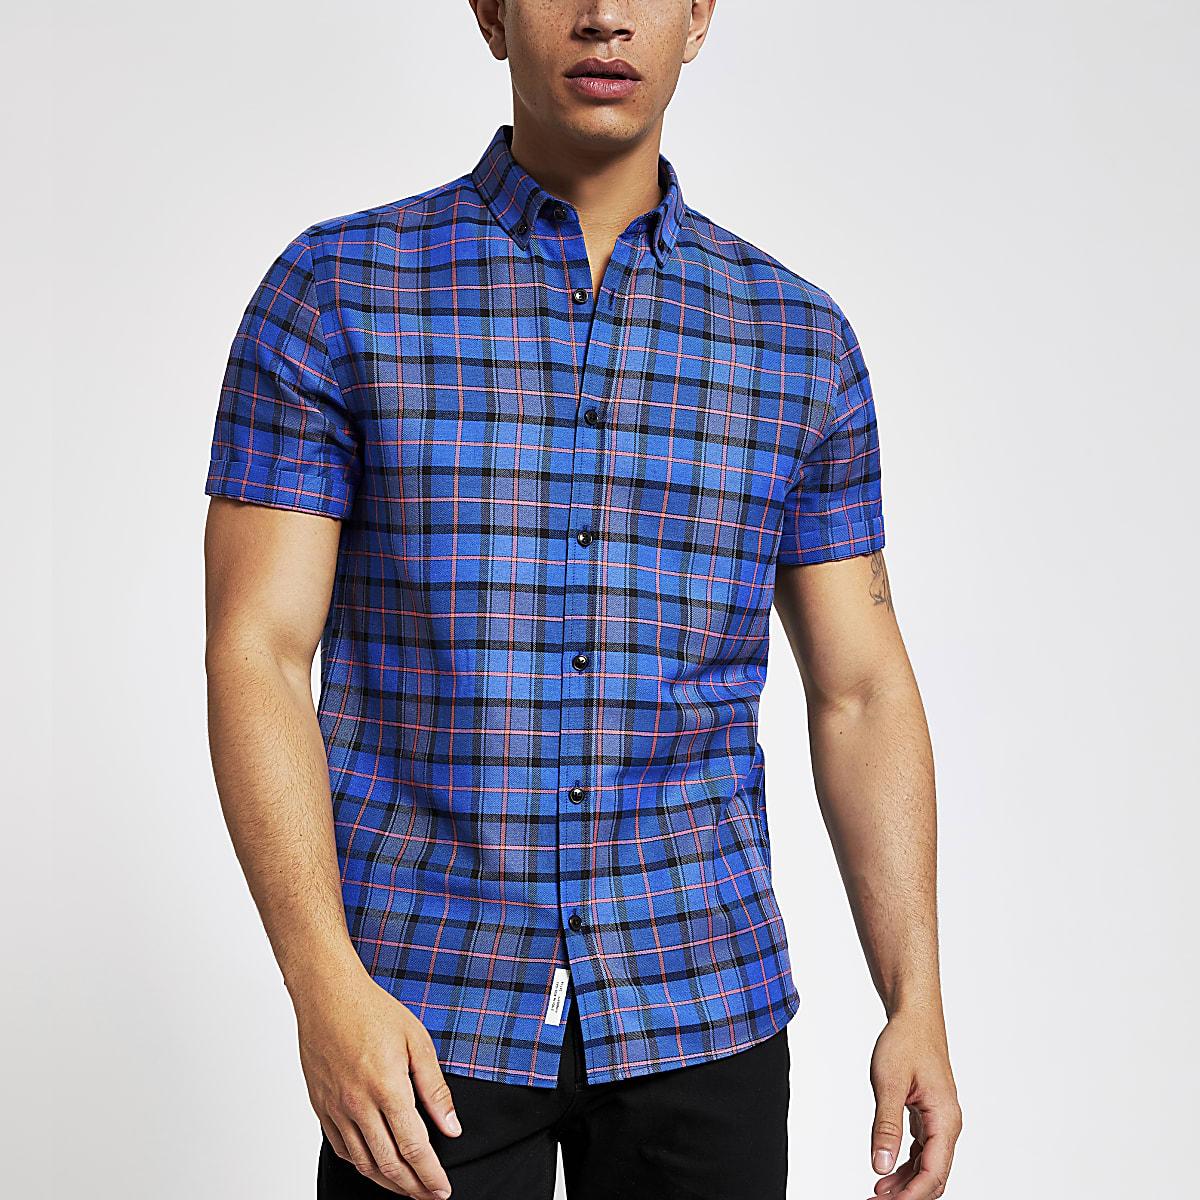 Skinny Fit Overhemd.Blauw Geruit Slim Fit Overhemd Overhemden Met Korte Mouwen